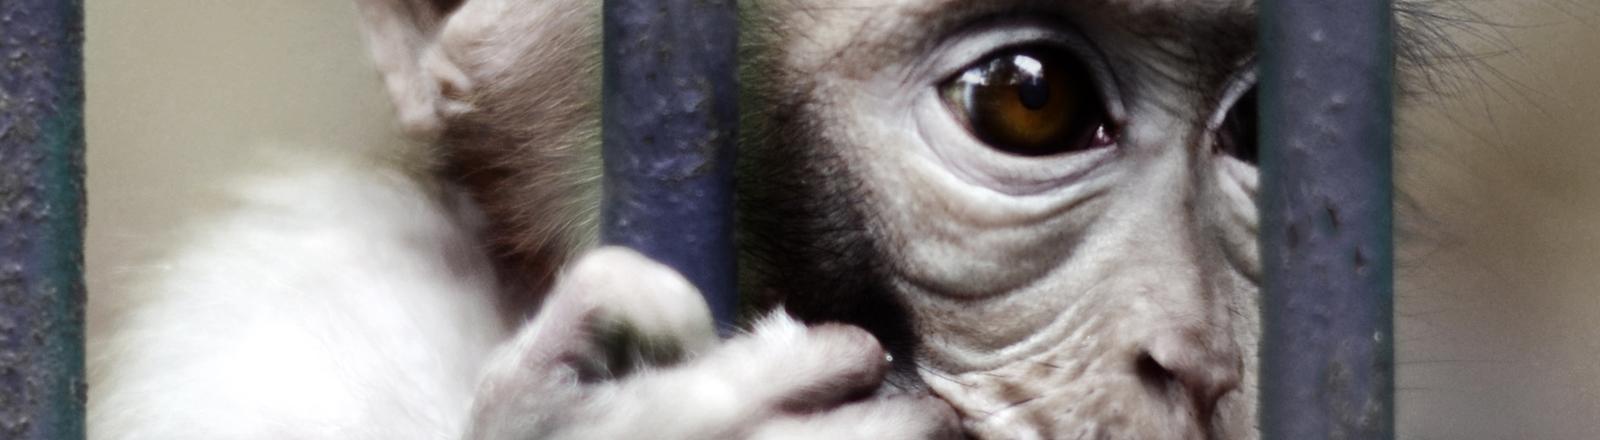 Ein Äffchen klammert sich an seine Gitterstäbe im Zoo.